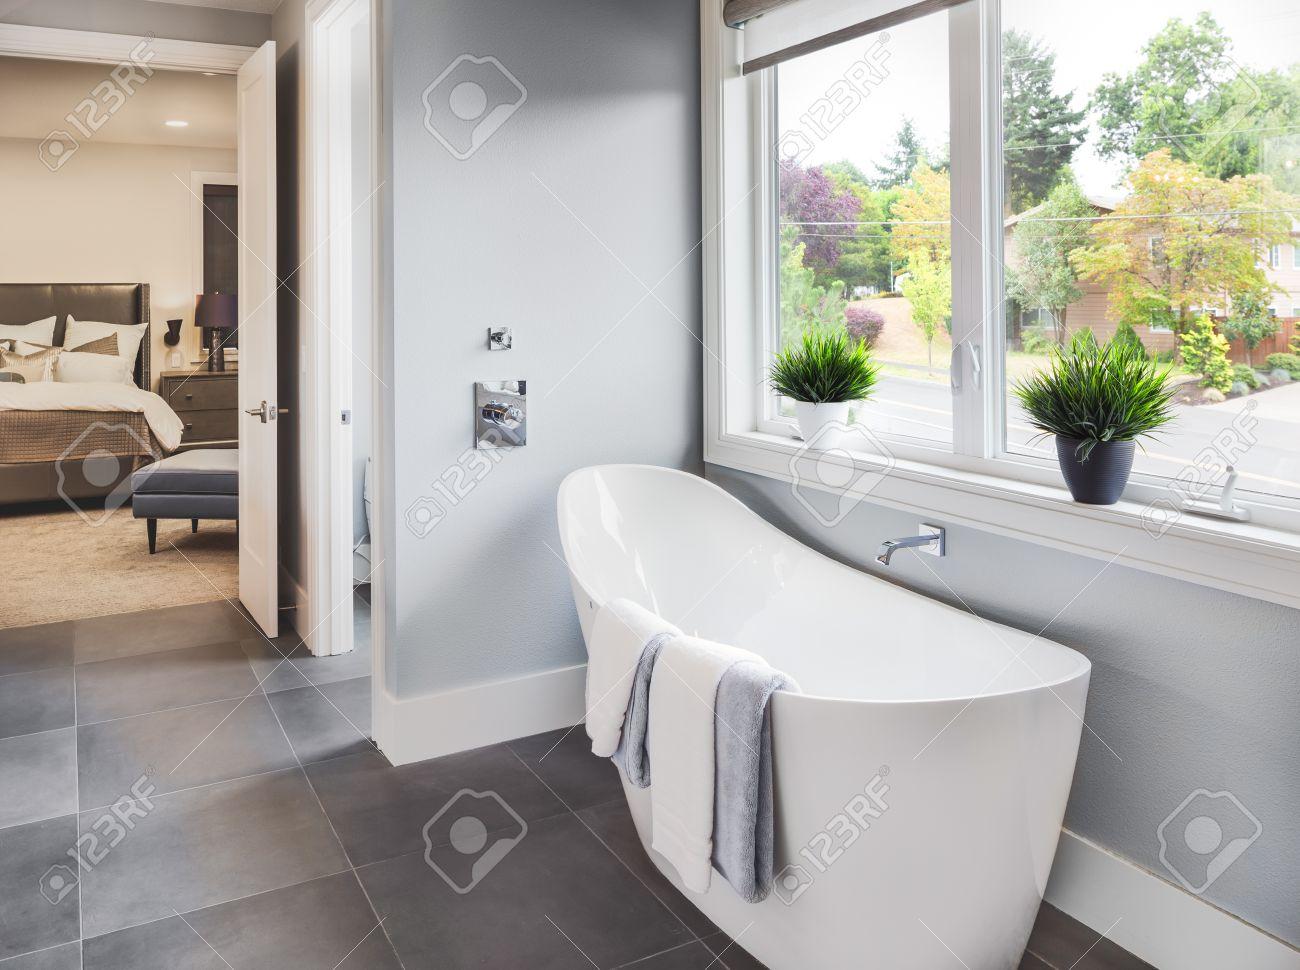 vasca da bagno in bagno padronale nella nuova casa di lusso con ... - Vasca In Camera Da Letto